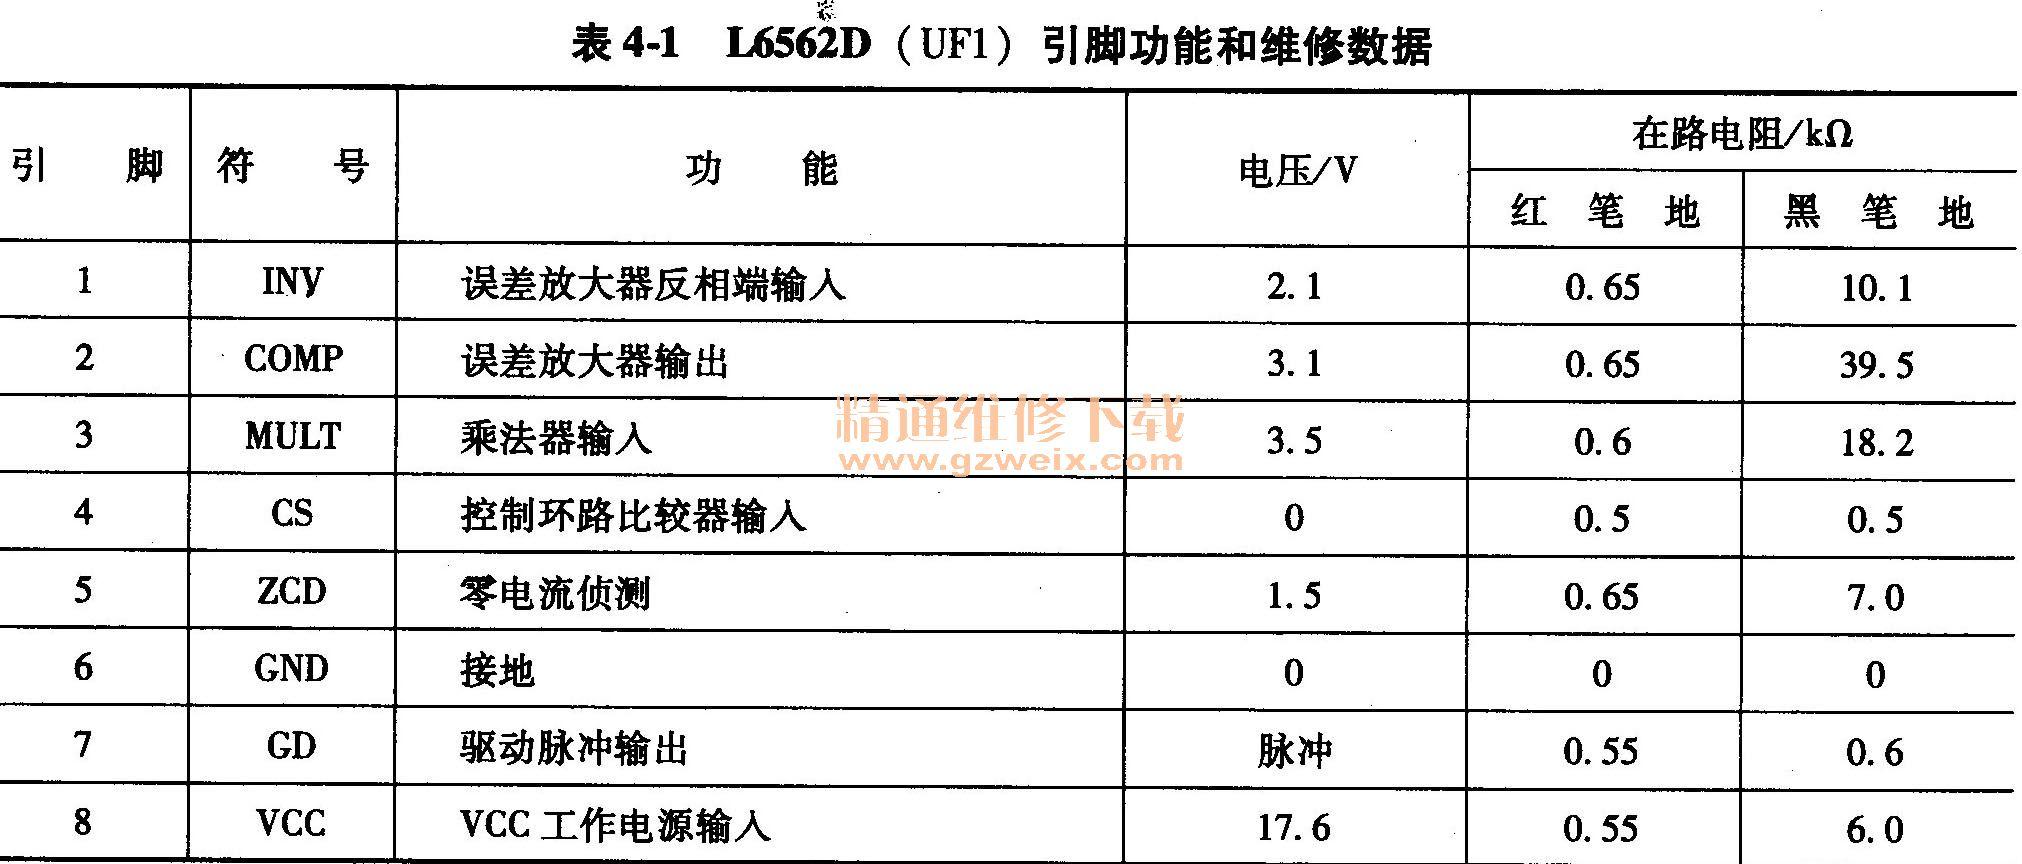 L6562D (UF1)引脚功能和维修数据